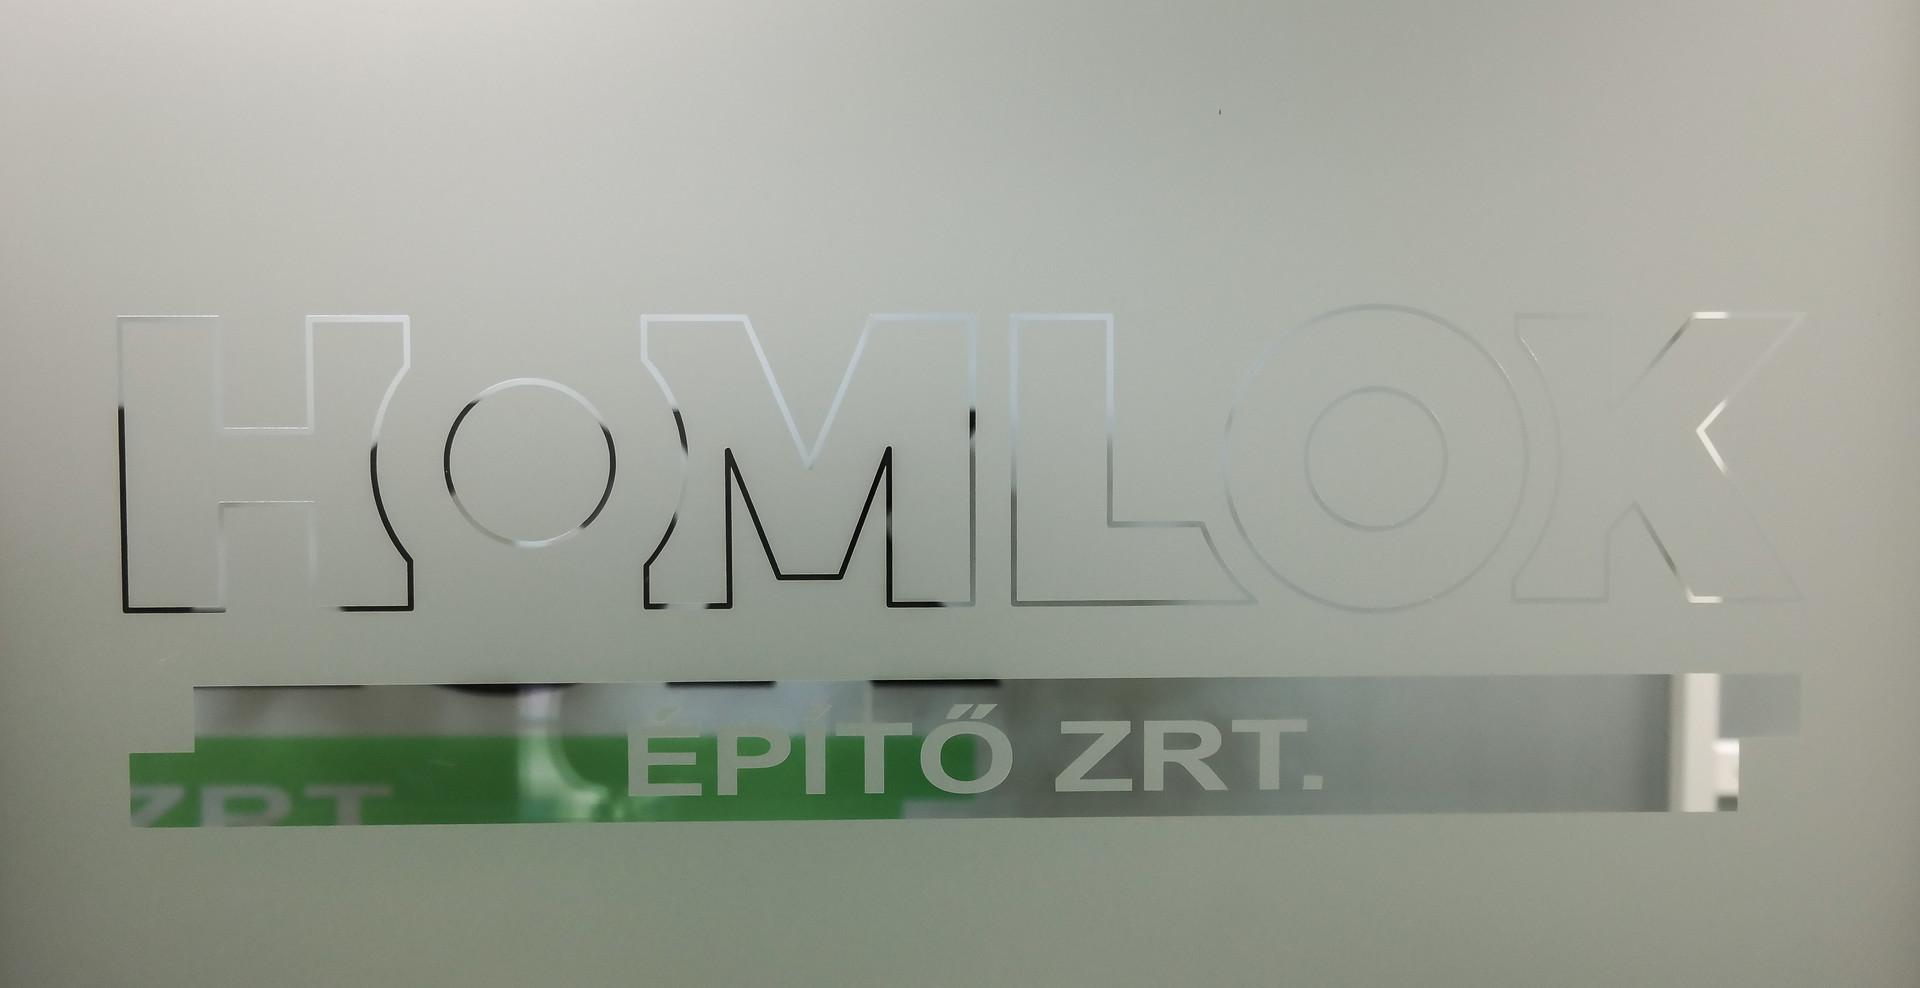 Homlok Zrt. iroda design - Megbízó: Flamingo 24 ügynökség